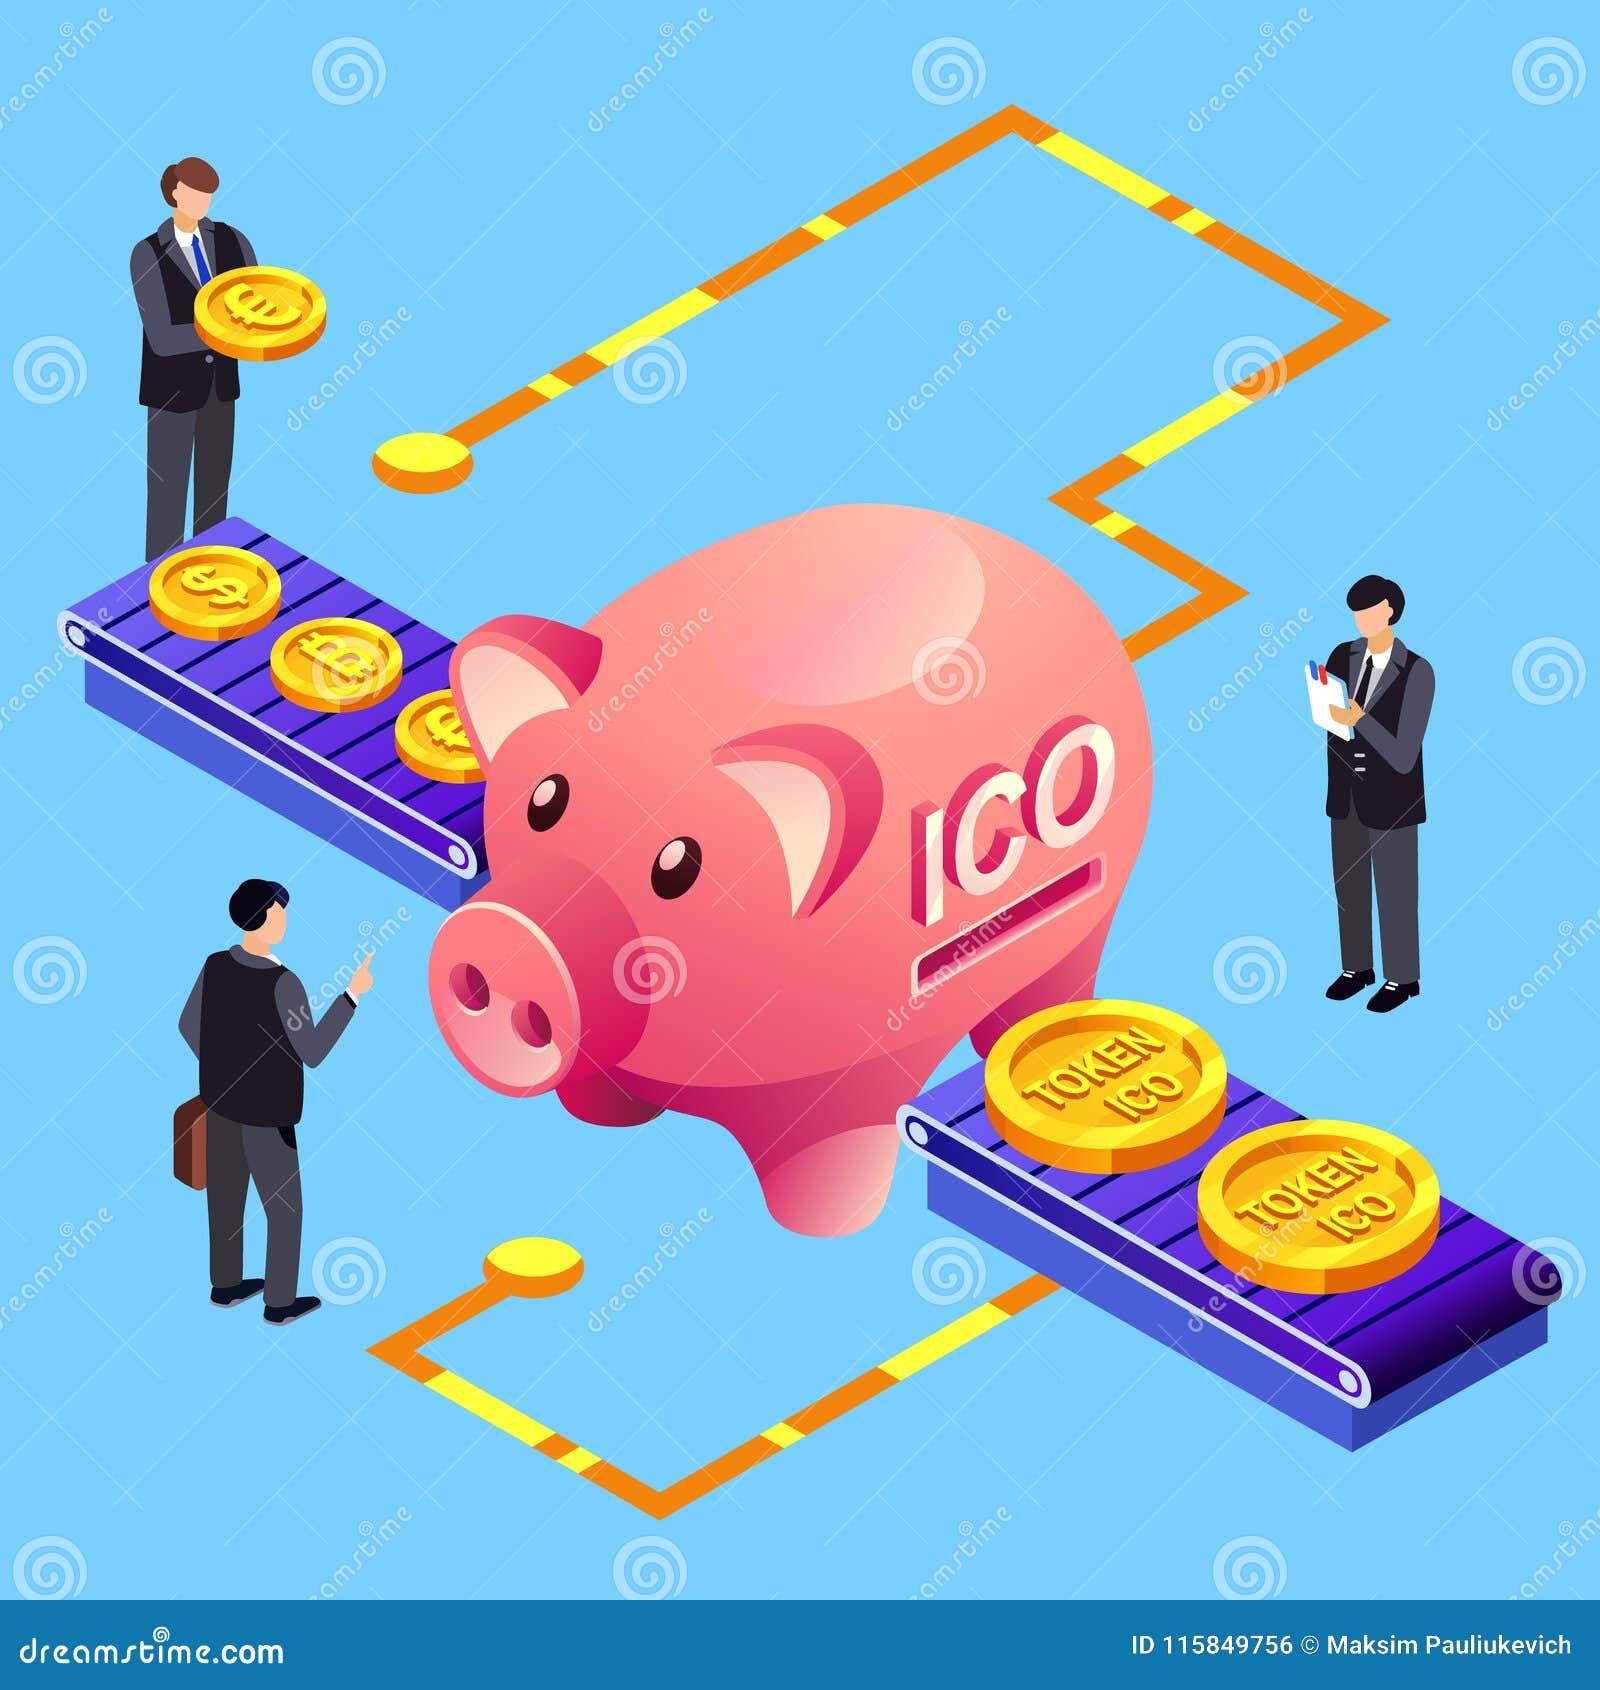 blockchain token exchange